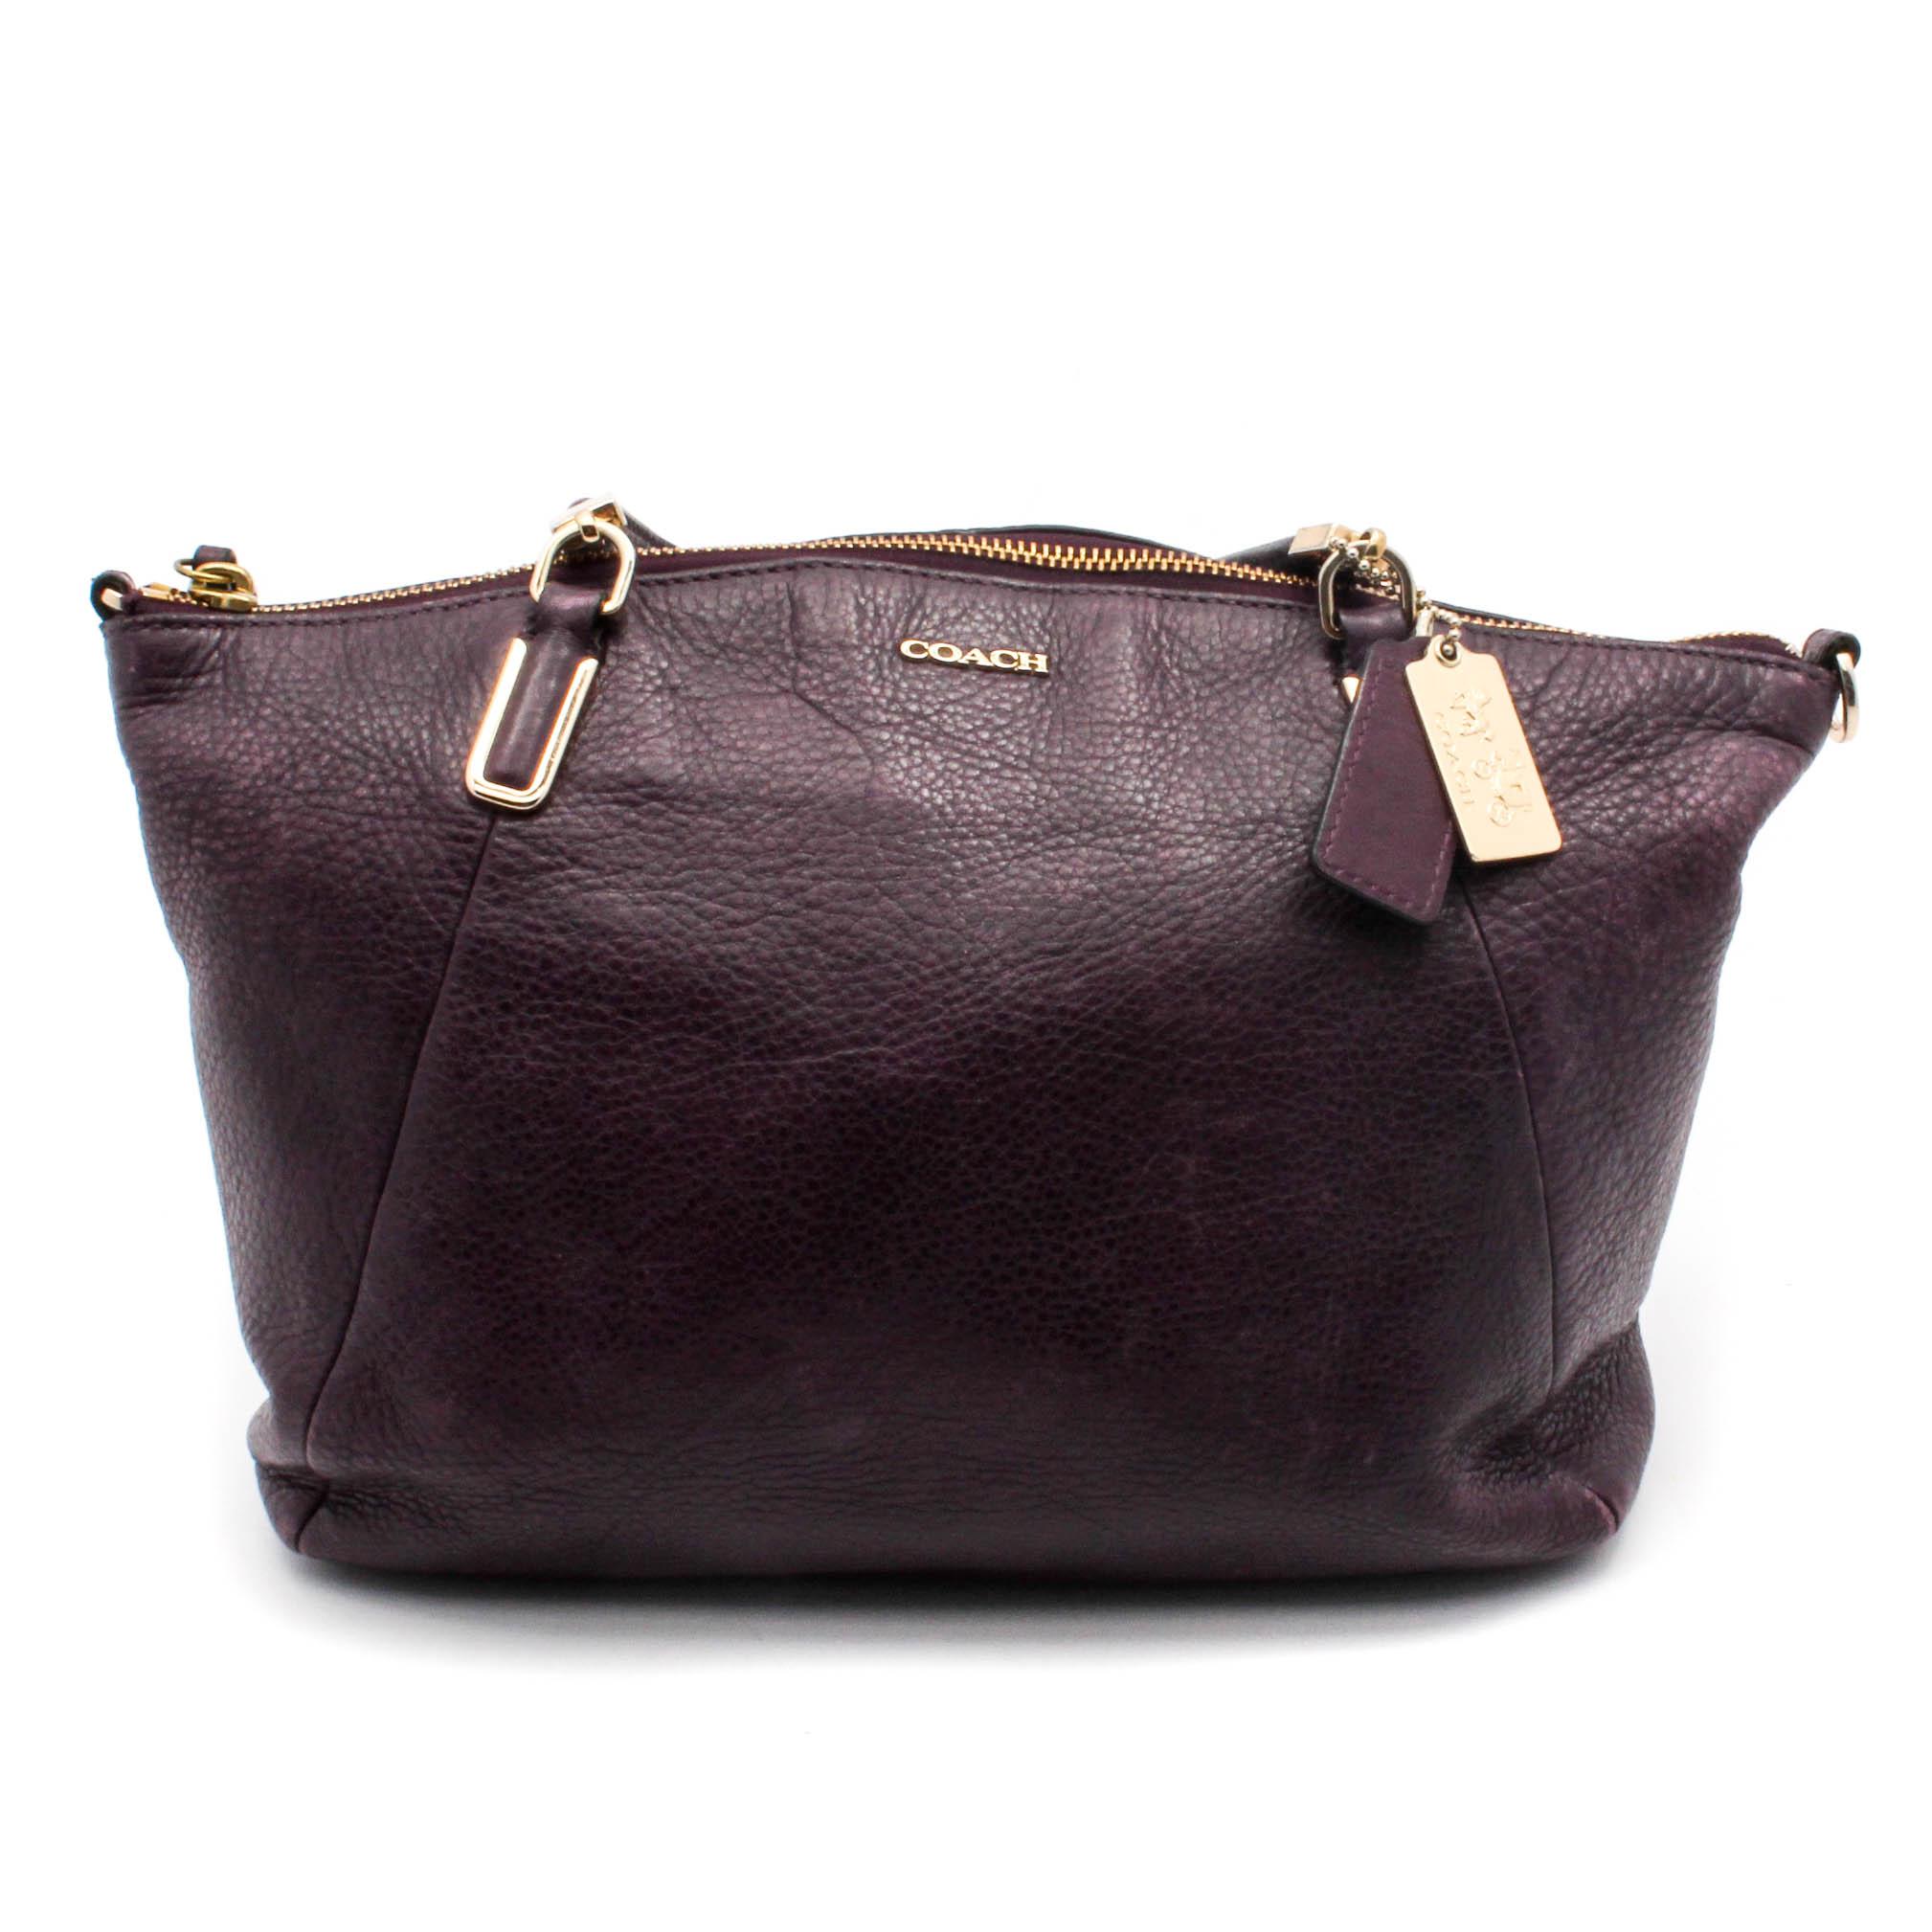 a107cd7c8180c ... satchel 100 9de9f 149d9 cheapest coach kelsey plum pebbled leather  handbag 12e5b 9ca0c ...